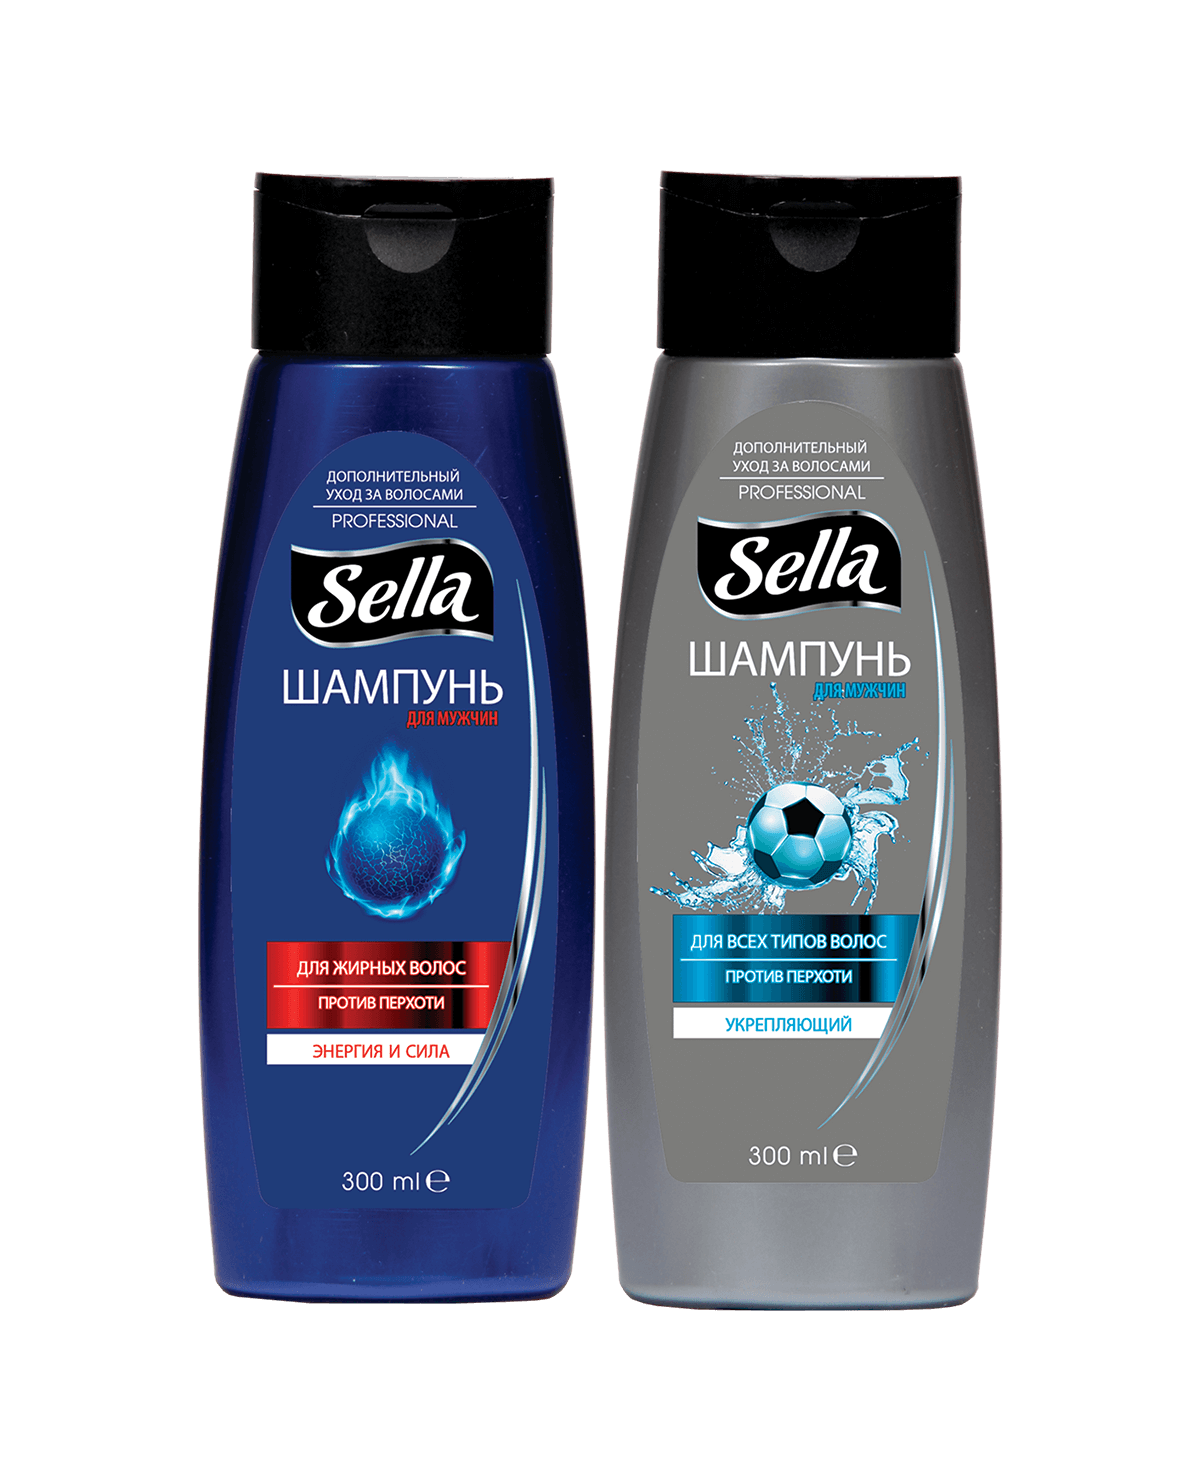 shampun sella txamardkanc hamar